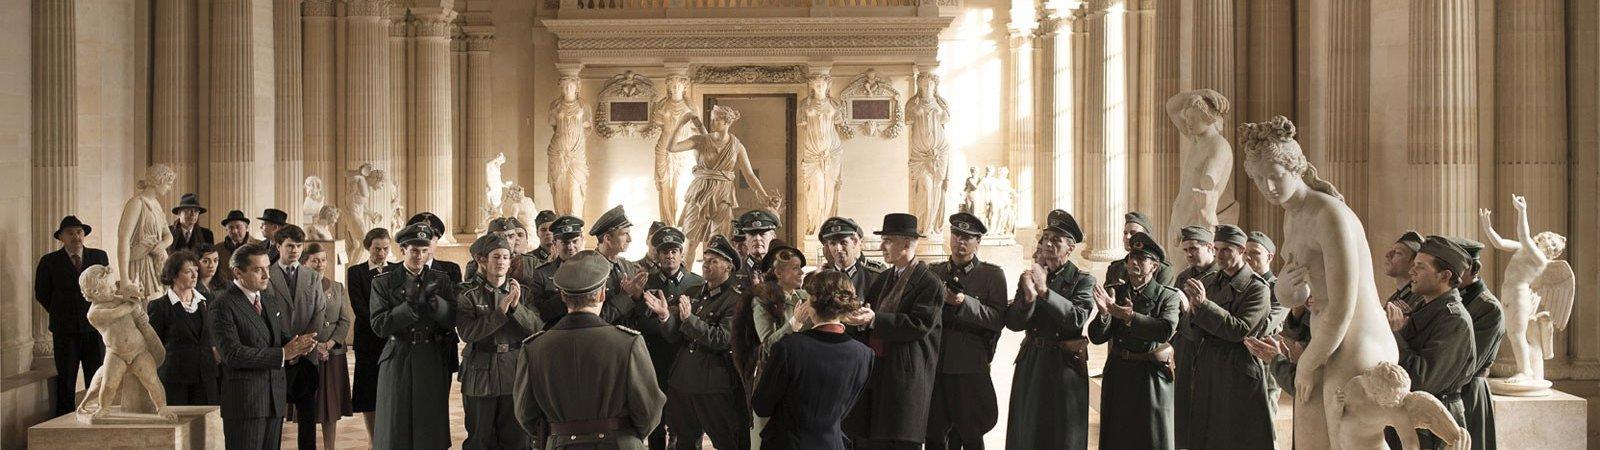 Photo dernier film Alexandre Sokourov